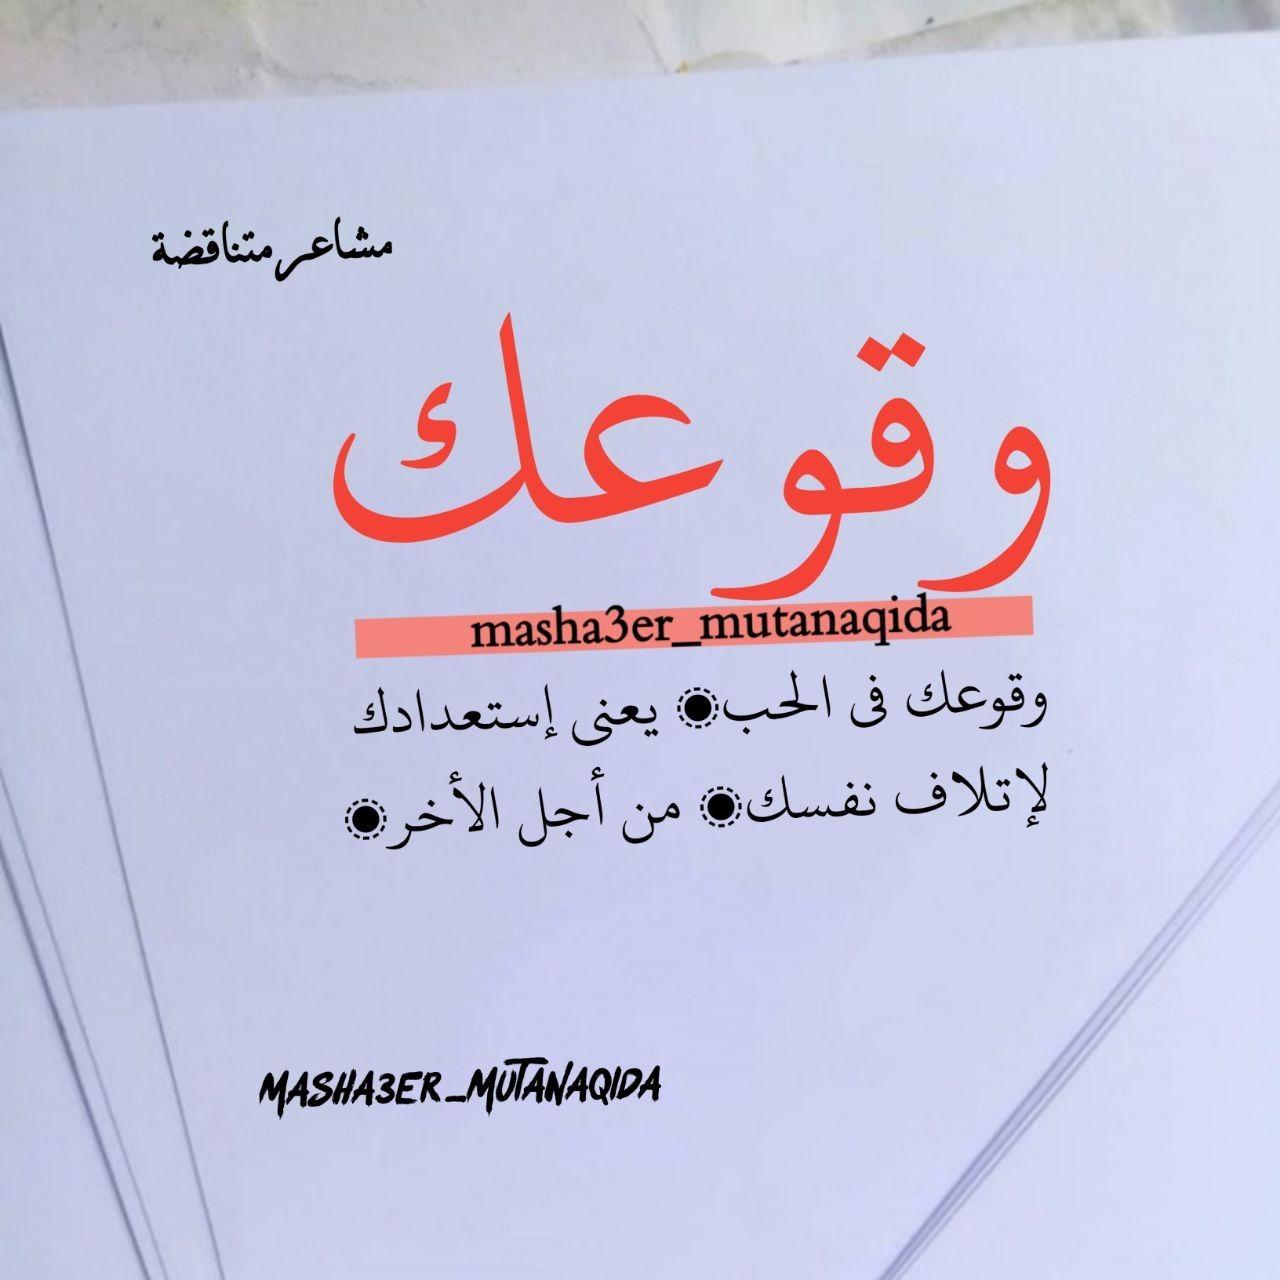 وقوعك في الحب يعني إستعدادك لإتلاف نفسك من أجل الأخر Instagram Arabic Calligraphy Calligraphy